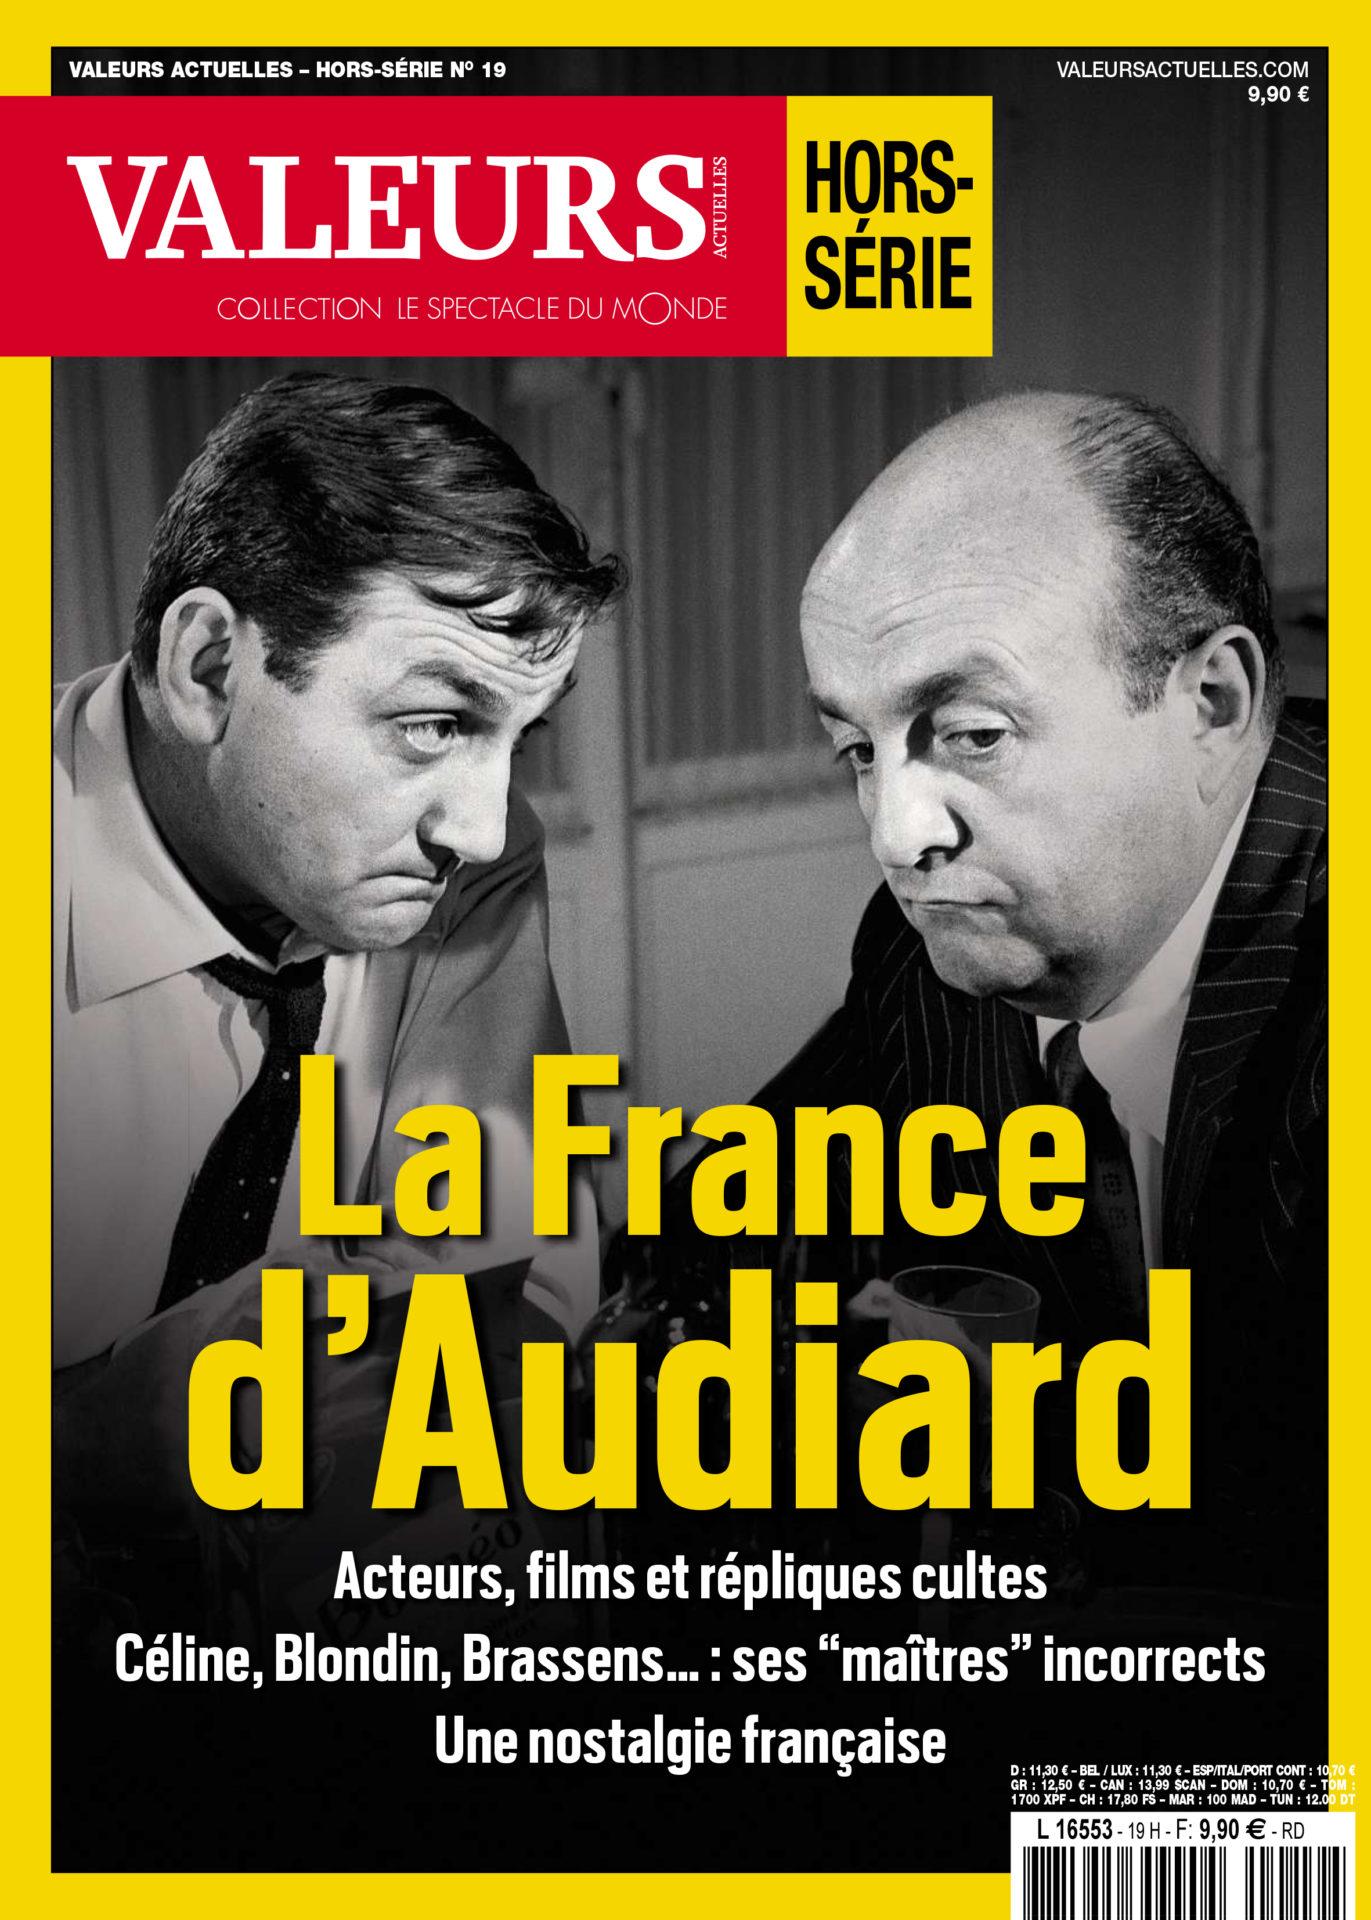 Hors-série Valeurs actuelles numéro 19 : La France d'Audiard,